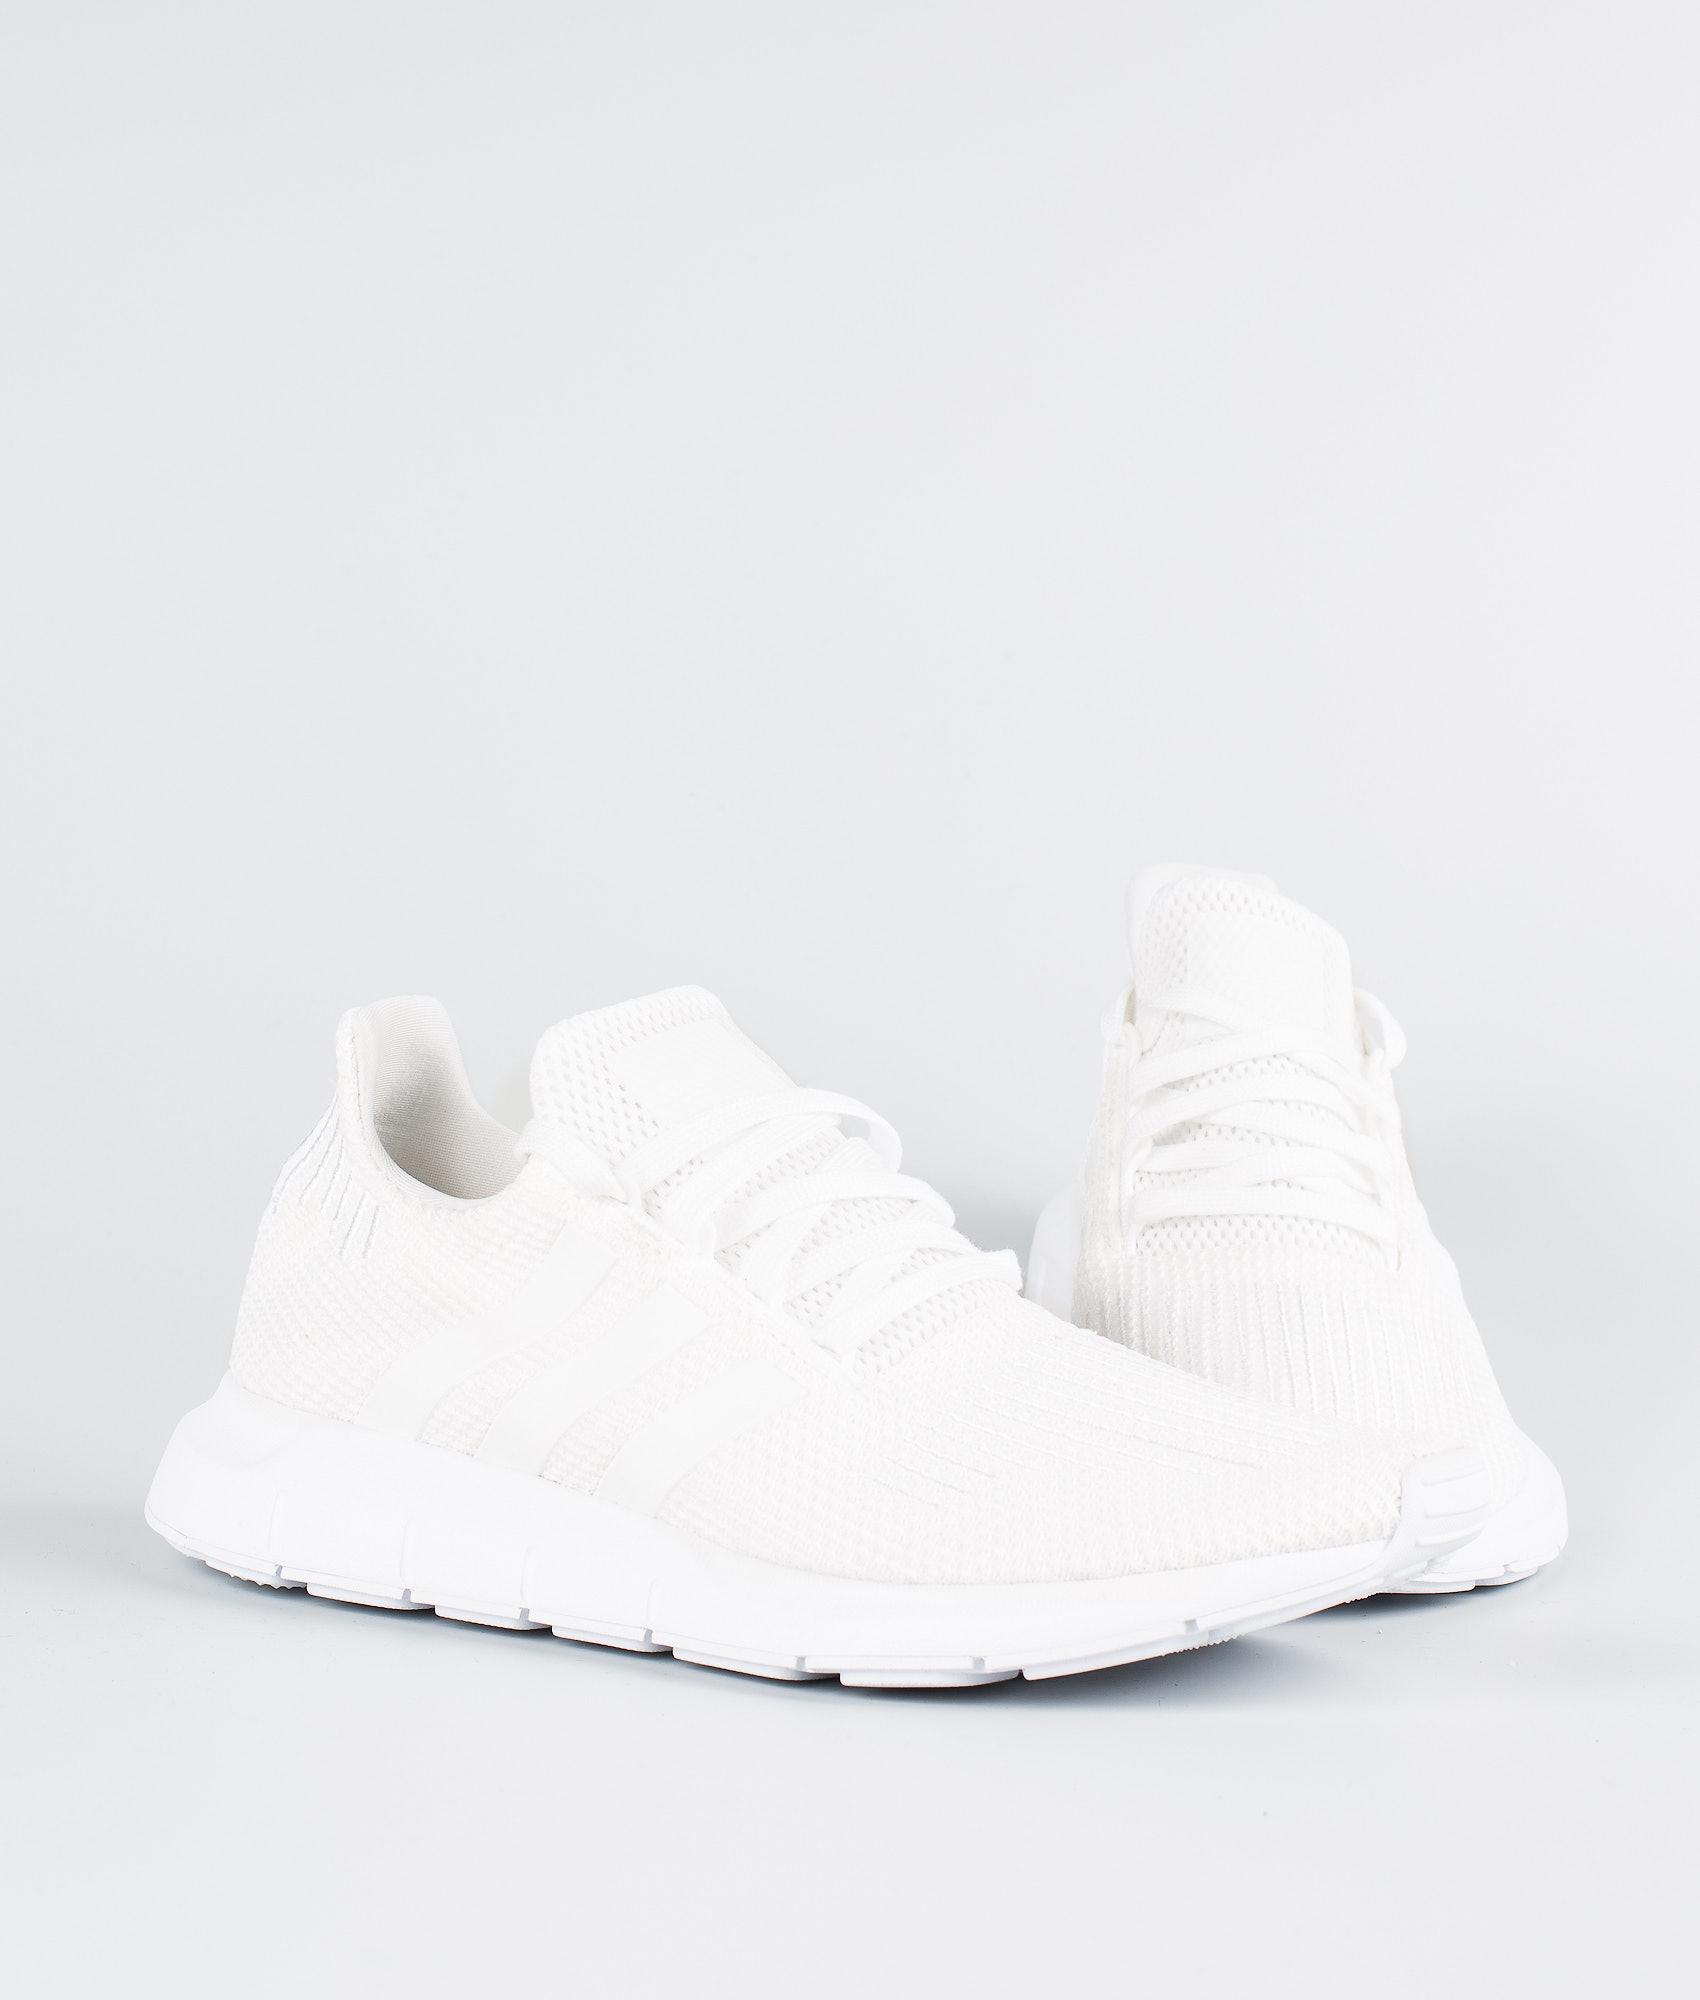 acbc226d417 Adidas Originals Swift Run Shoes Ftwr White Ftwr White Core Black ...